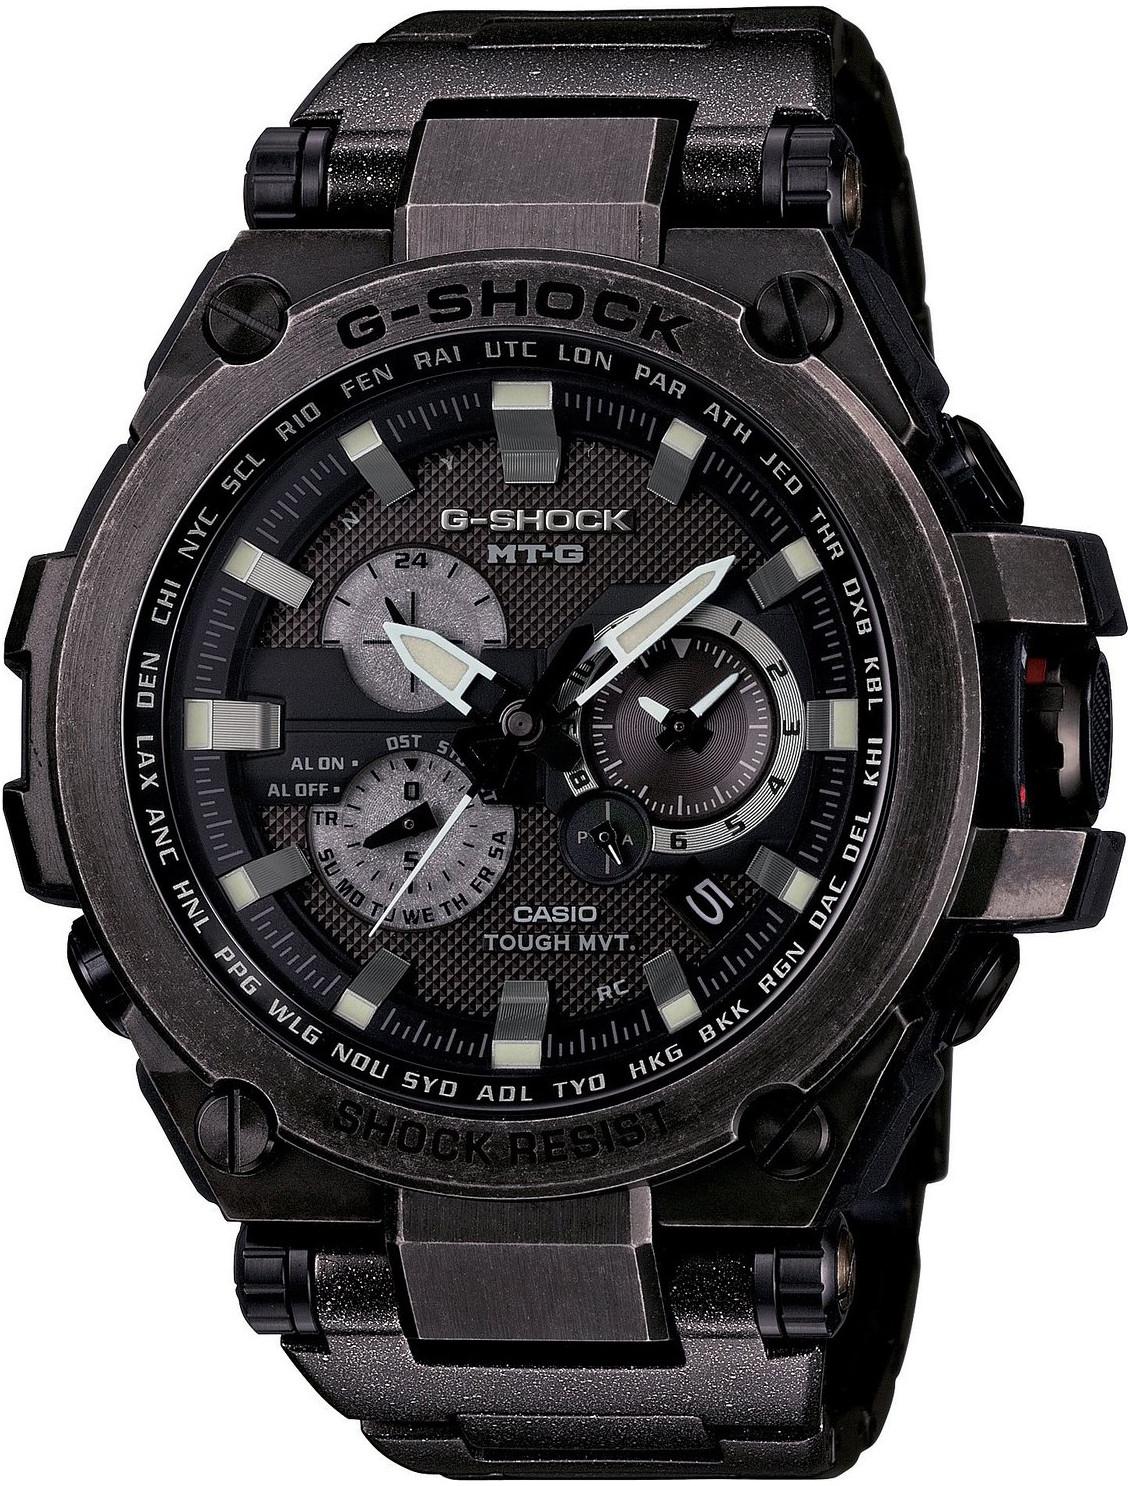 Casio G-shock  MT-G MTG-S1000V-1AНаручные часы<br>Японские часы Casio G-shock  MT-G MTG-S1000V-1A<br><br>Для кого?: Мужские<br>Страна-производитель: Япония<br>Механизм: Кварцевый<br>Материал корпуса: Сталь+пластик<br>Материал ремня/браслета: Сталь и пластик<br>Водозащита, диапазон: 200 - 800 м<br>Стекло: Сапфировое<br>Толщина корпуса: 16 мм<br>Стиль: Классика